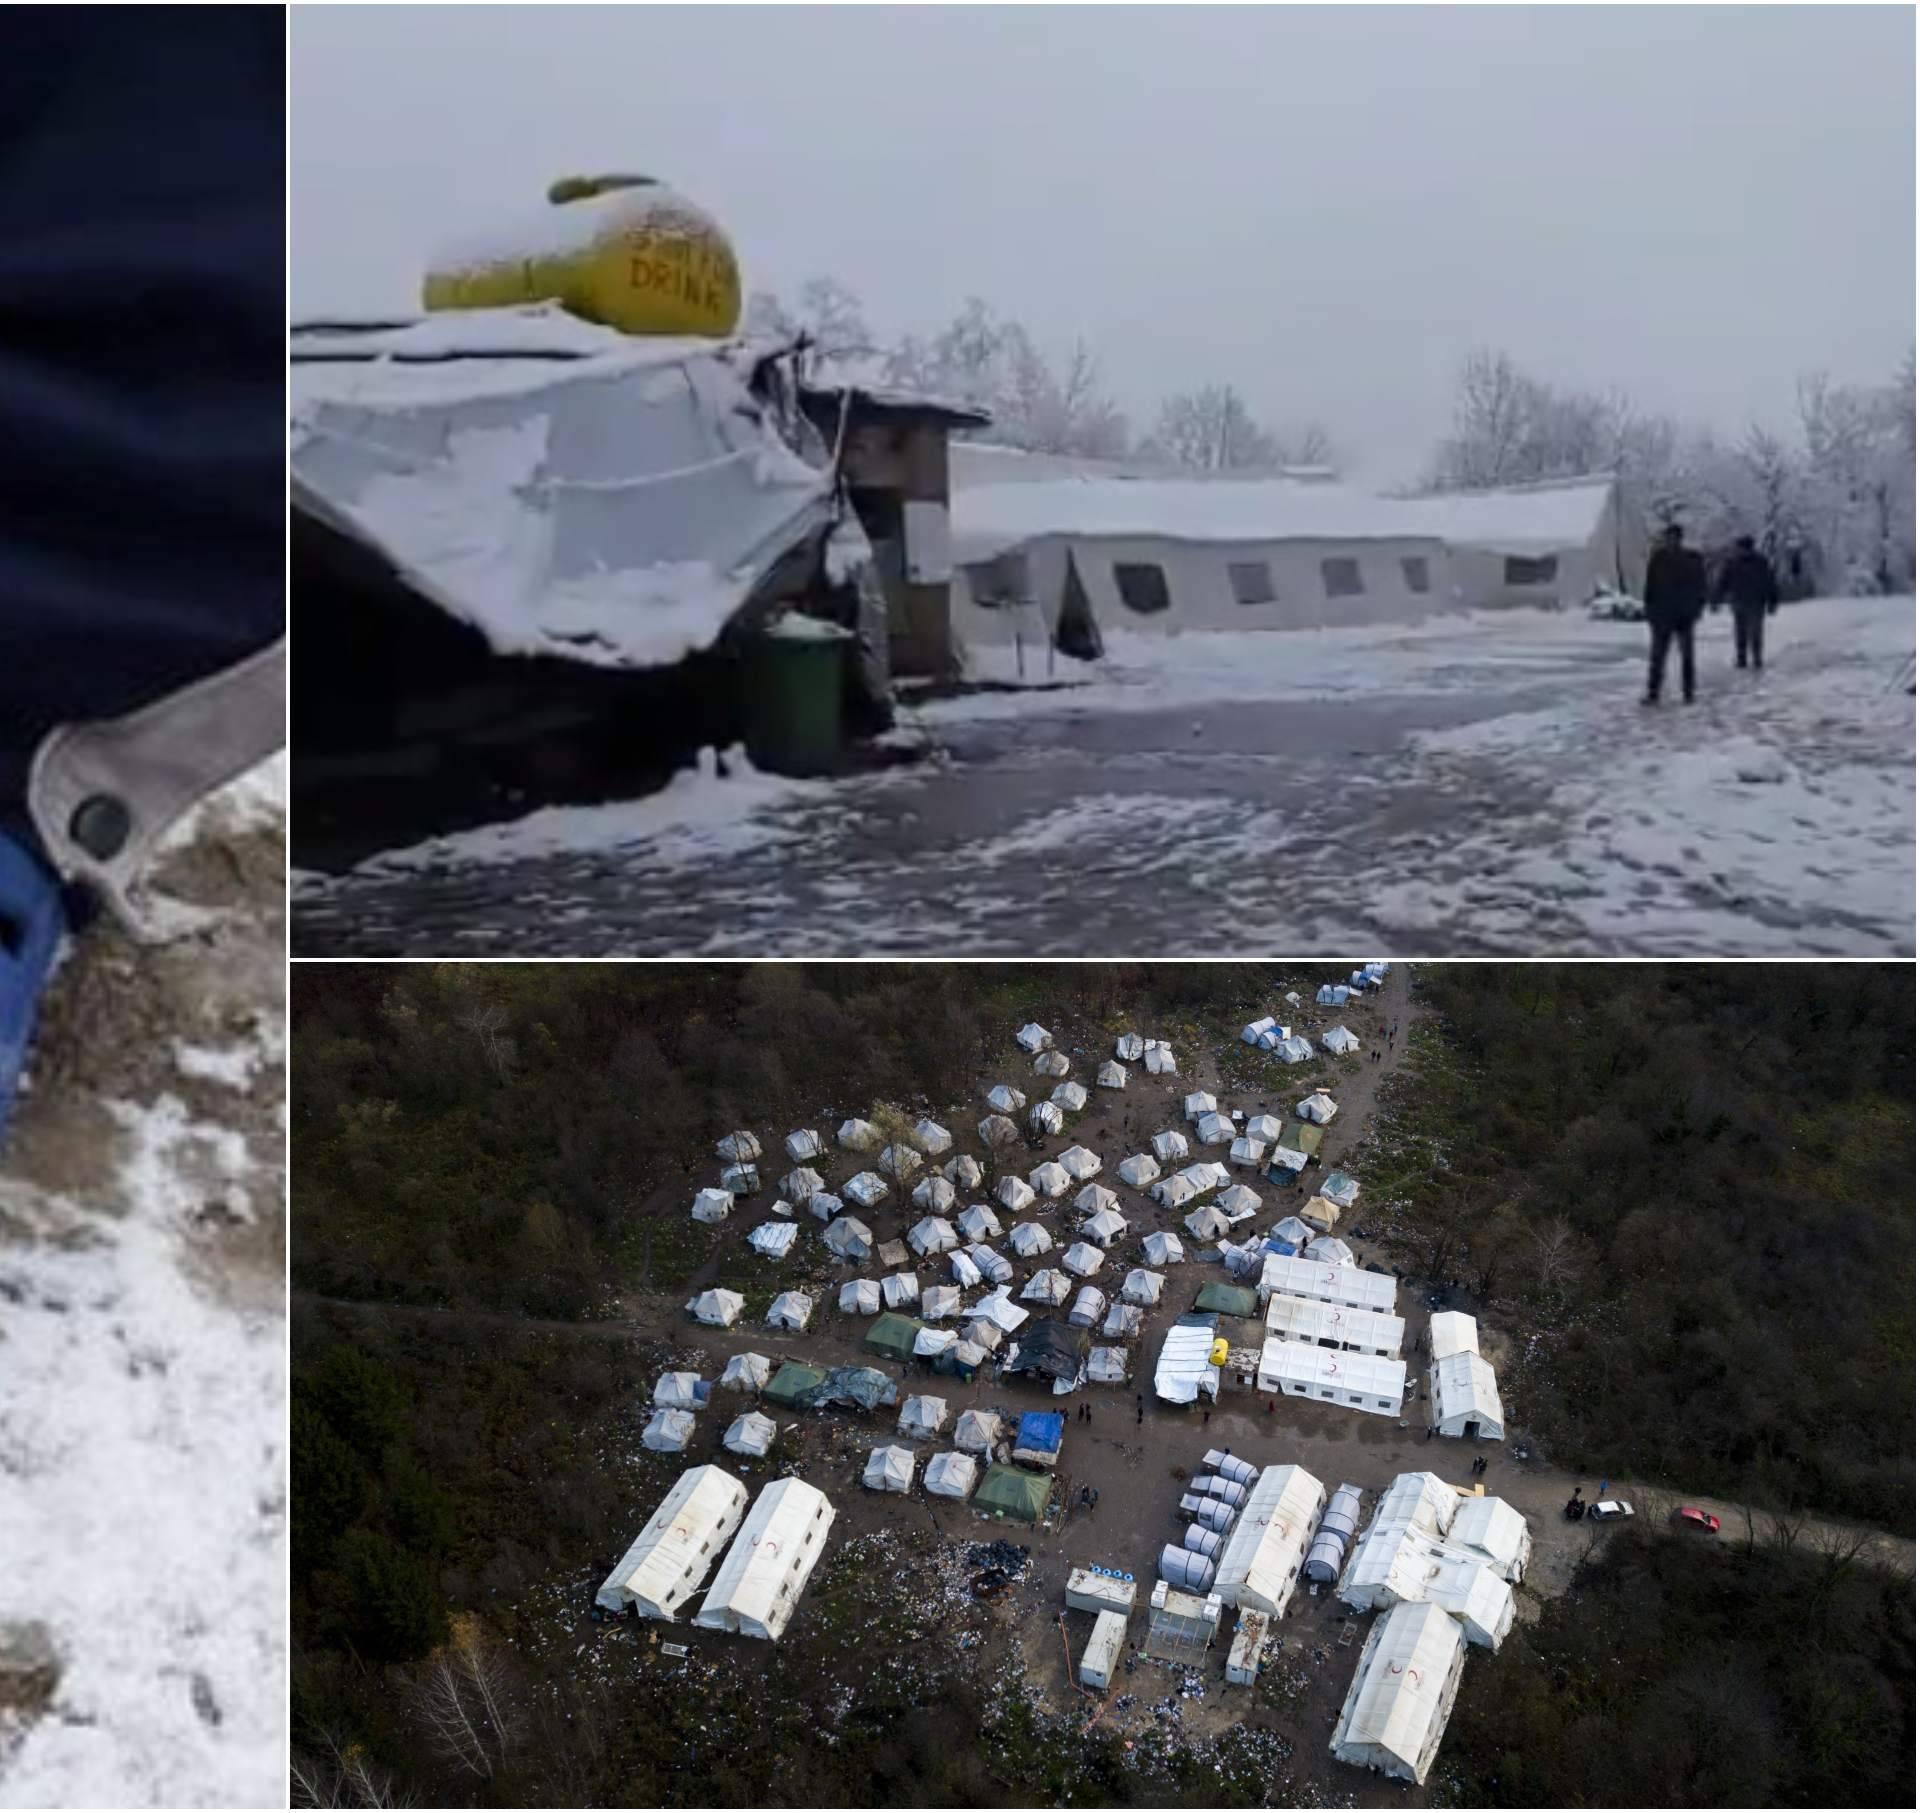 Neljudski uvjeti u BiH: Migranti prvi snijeg dočekali u šlapama